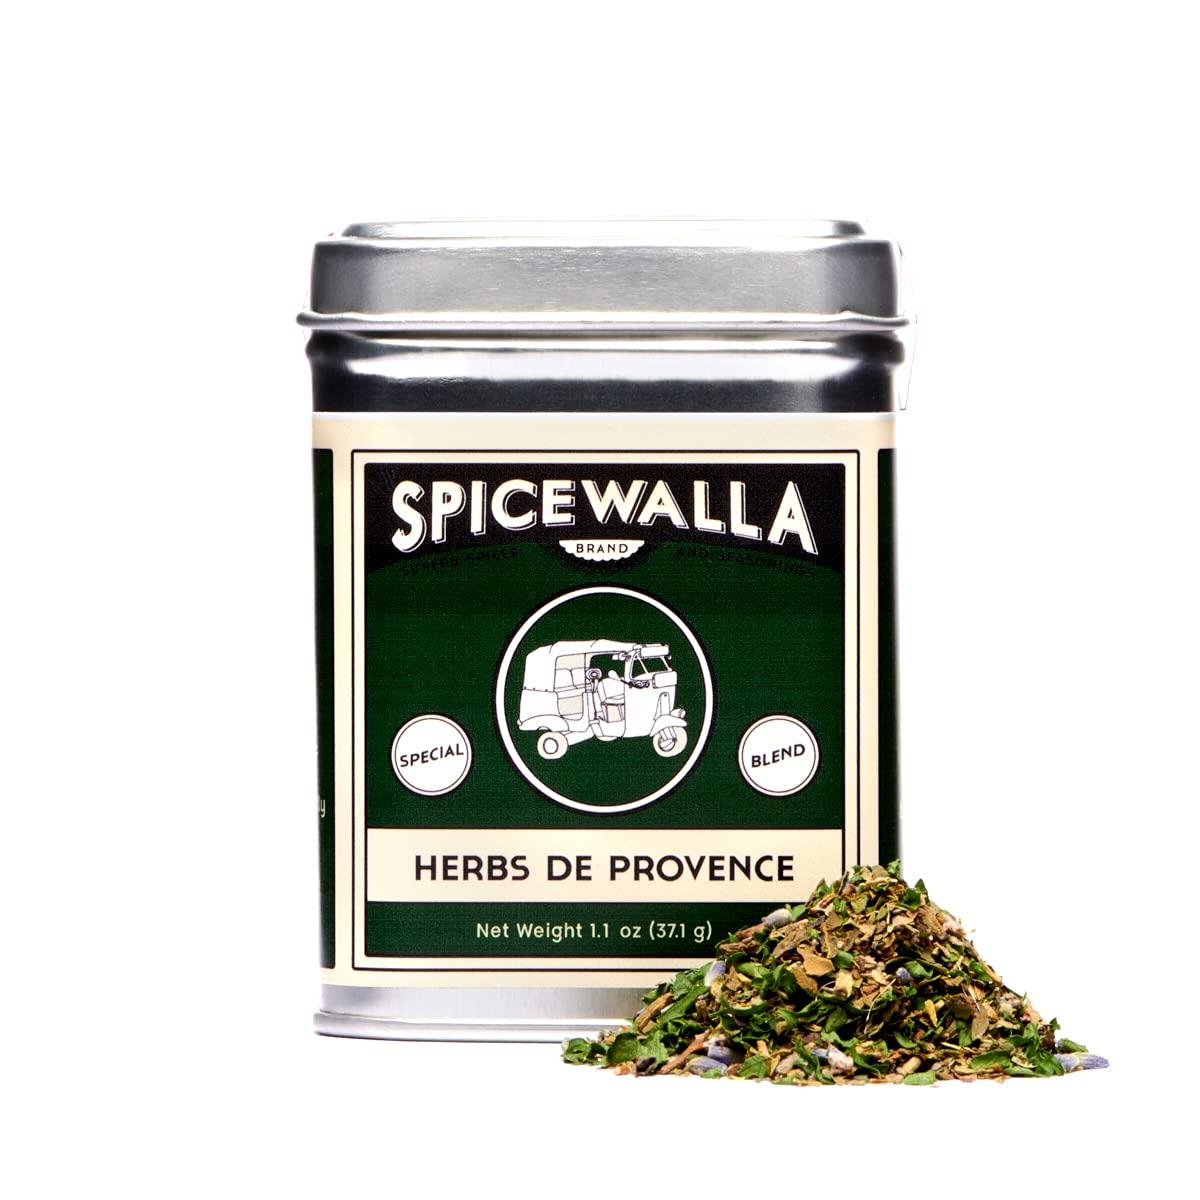 Spicewalla Herbs De Provence 1.1 oz | Non-GMO, Gluten Free, No MSG | Herbs De Provence Seasoning